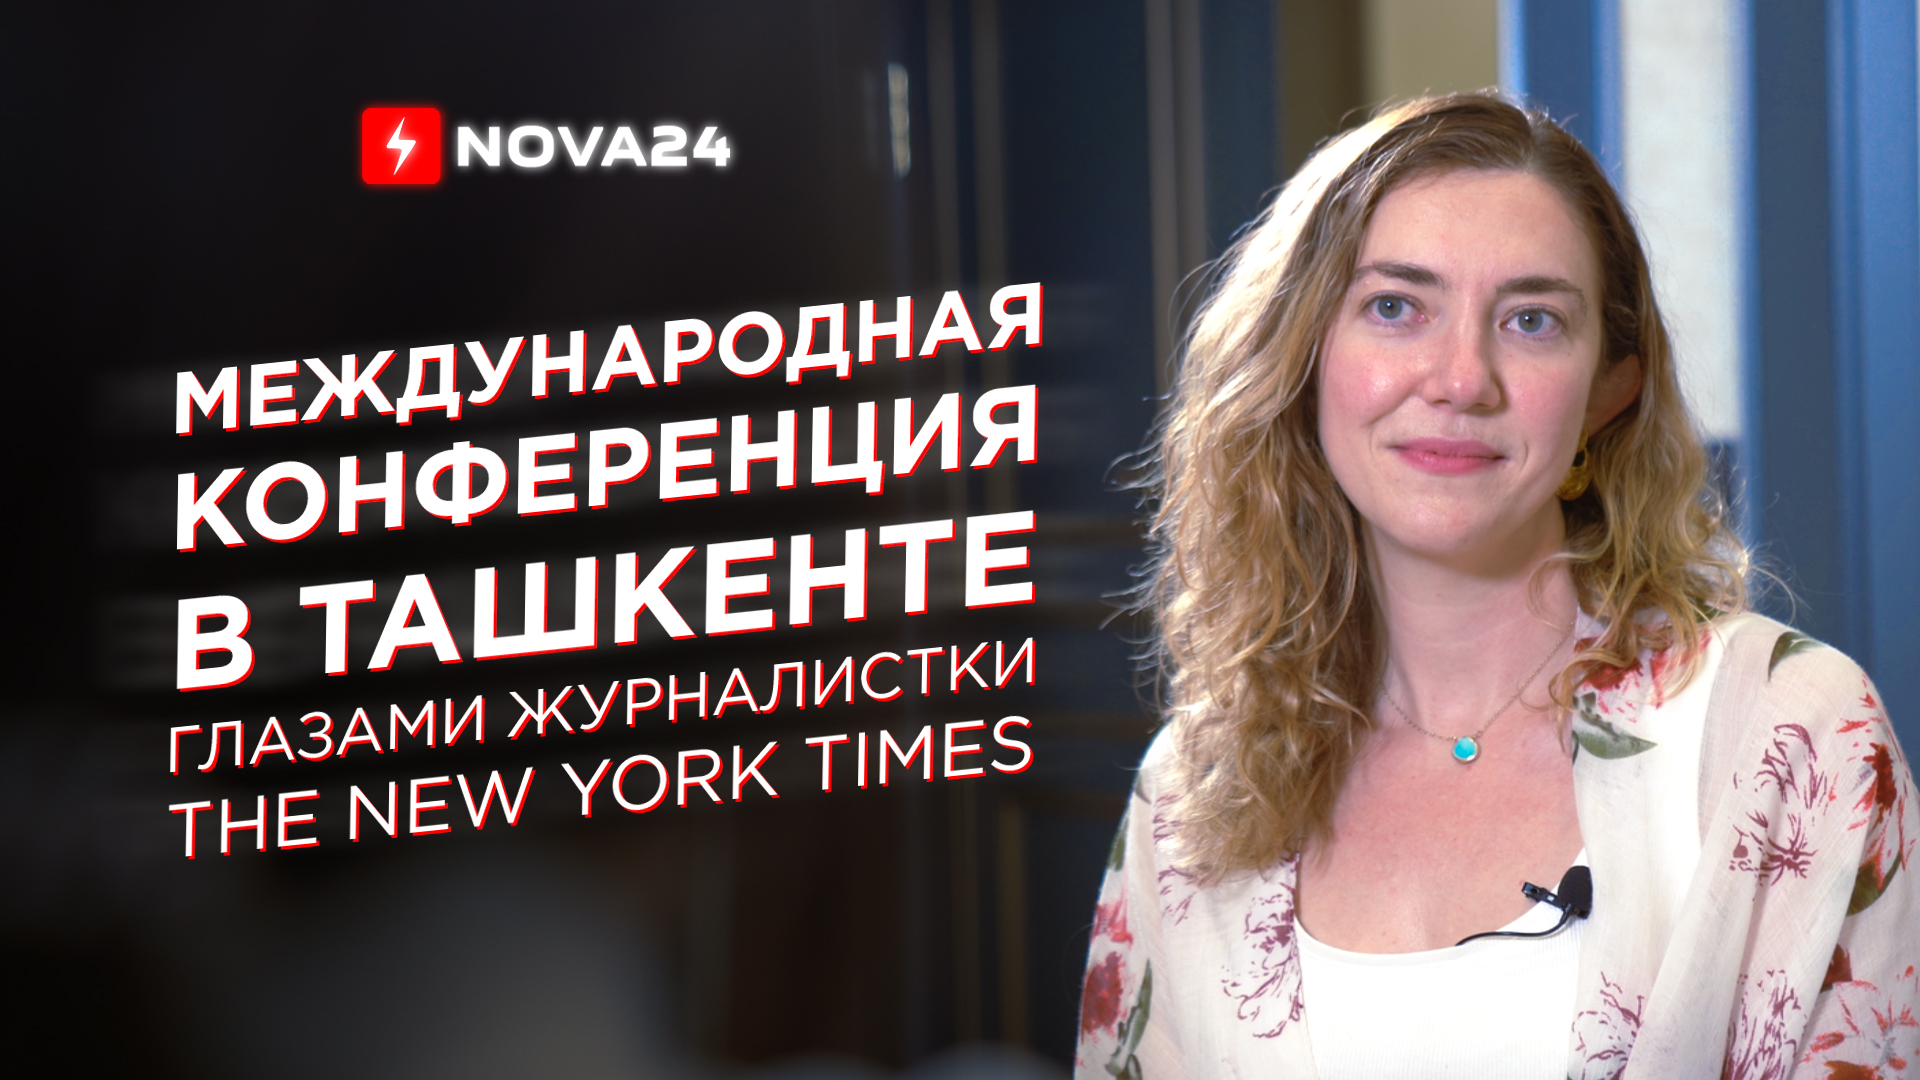 Журналистка The New York Times рассказала о прошедшей международной конференции в Ташкенте